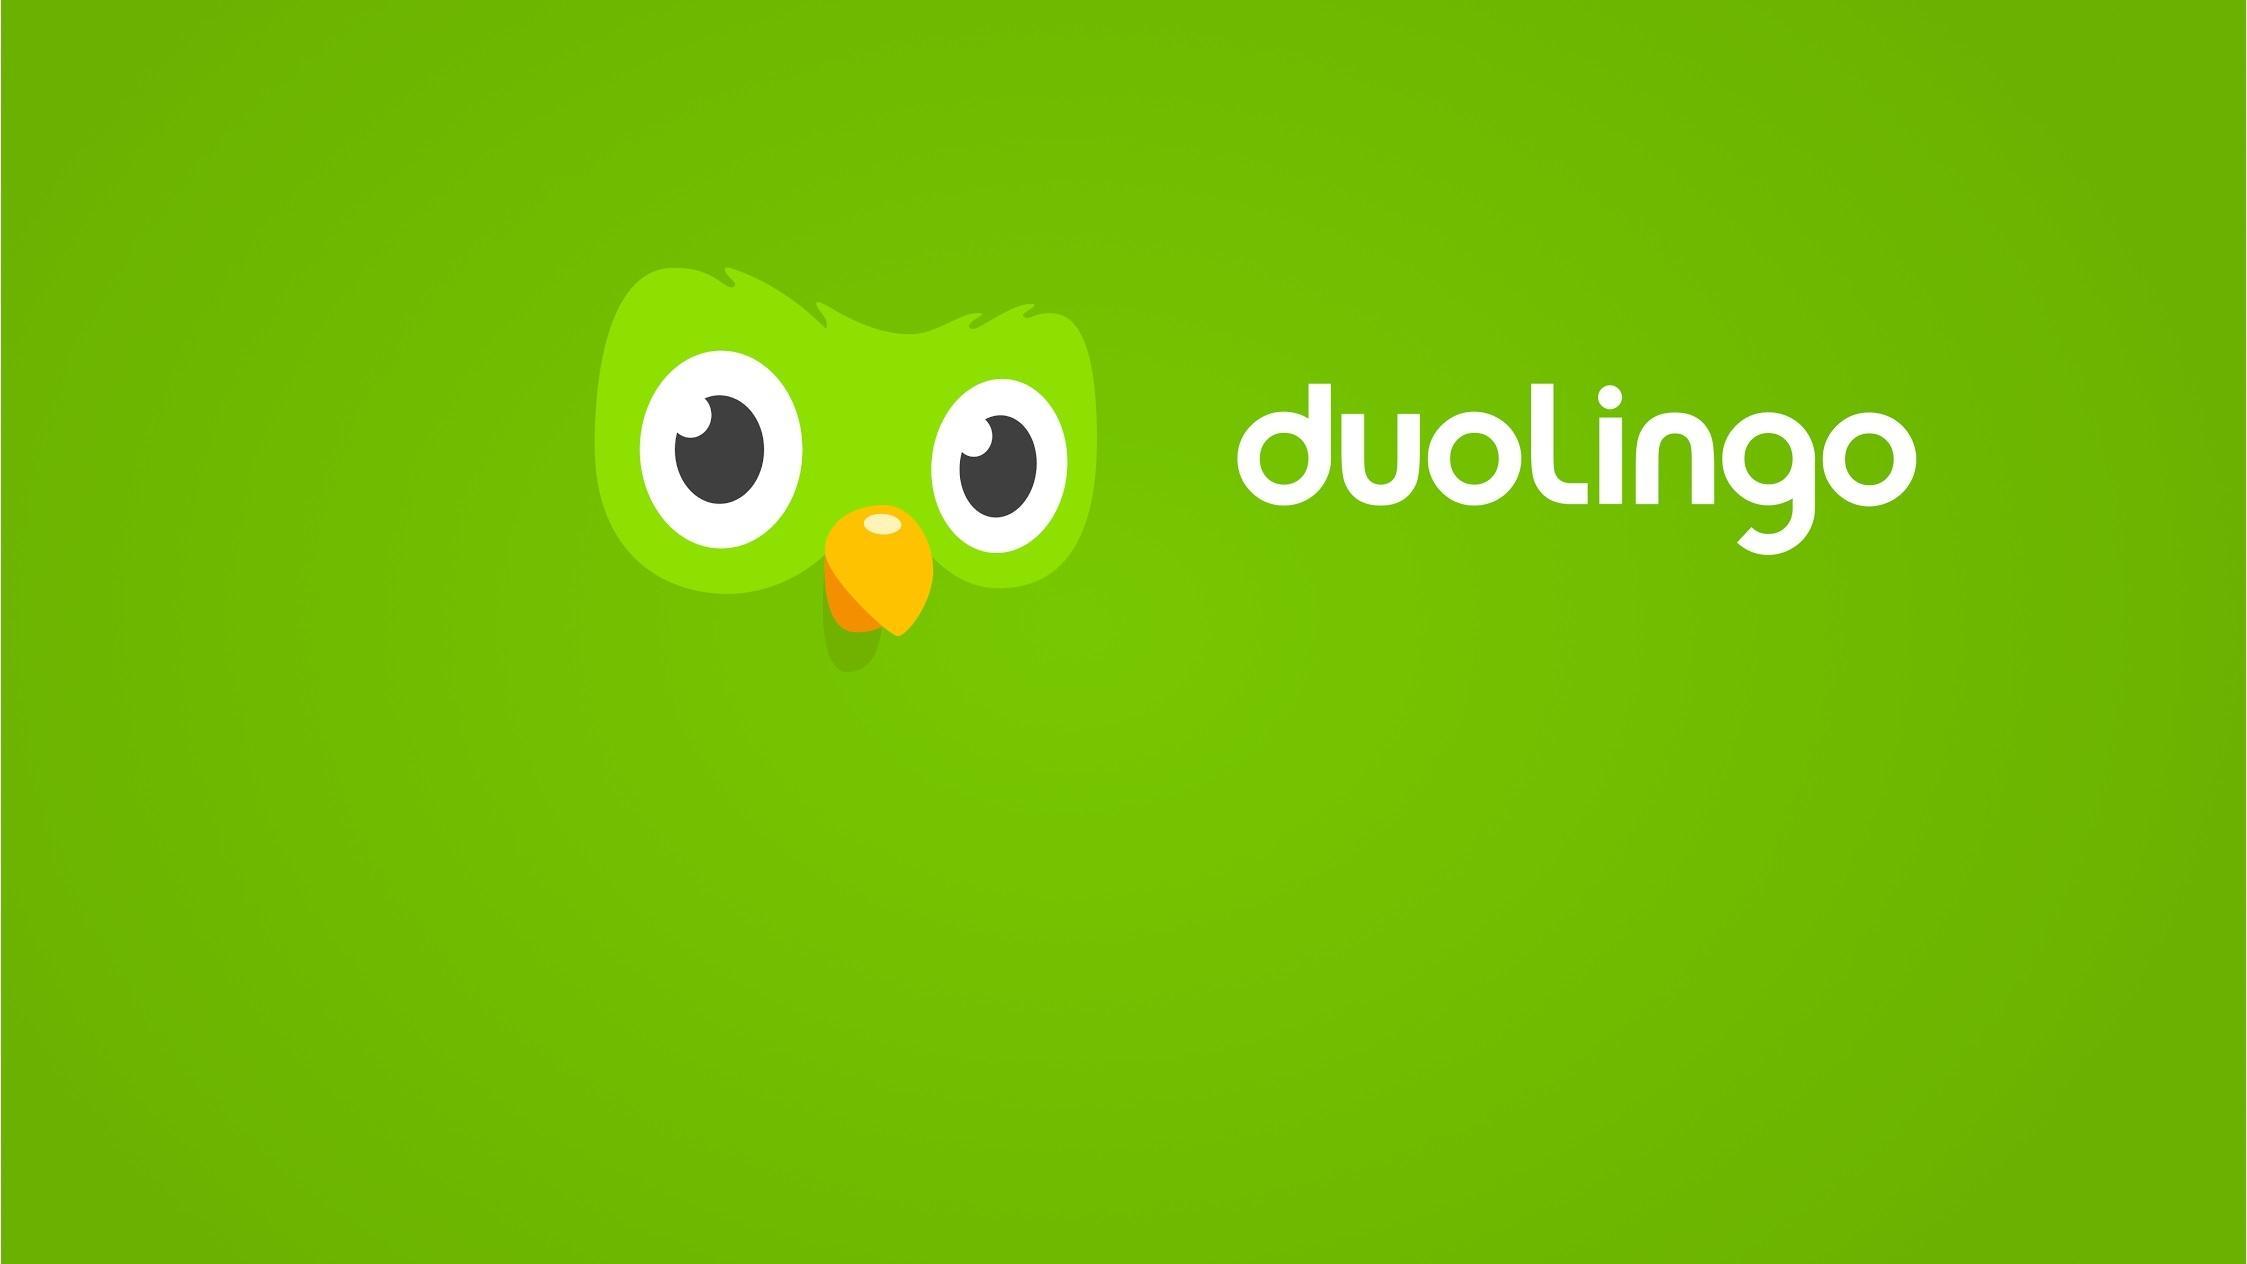 В Duolingo теперь можно изучать корейский язык